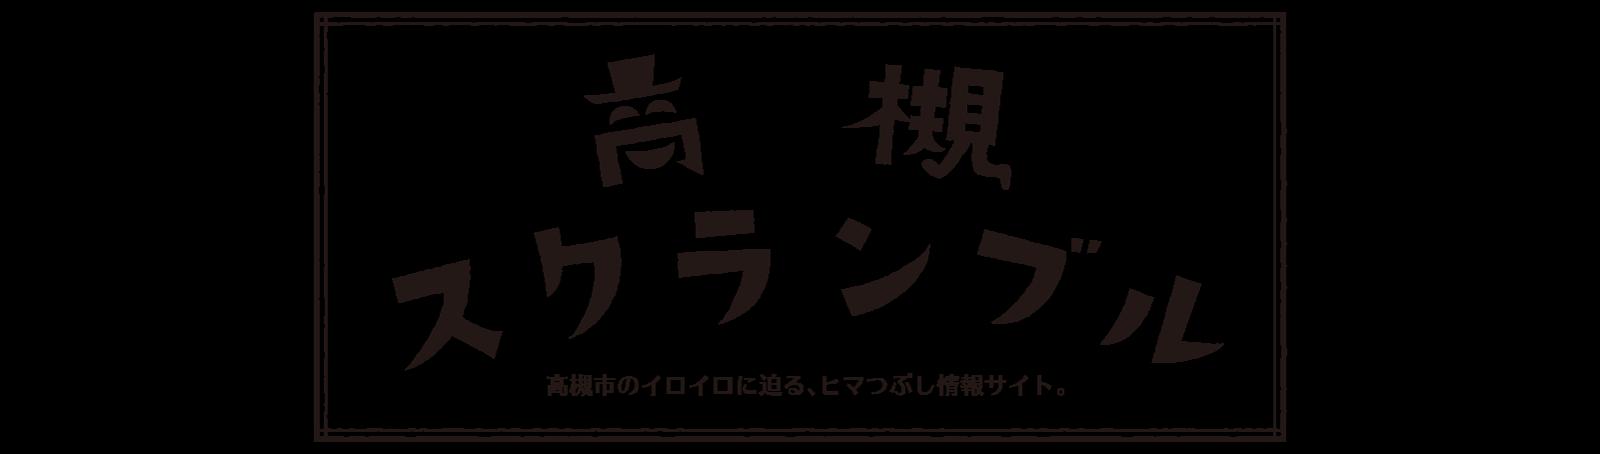 高槻スクランブル